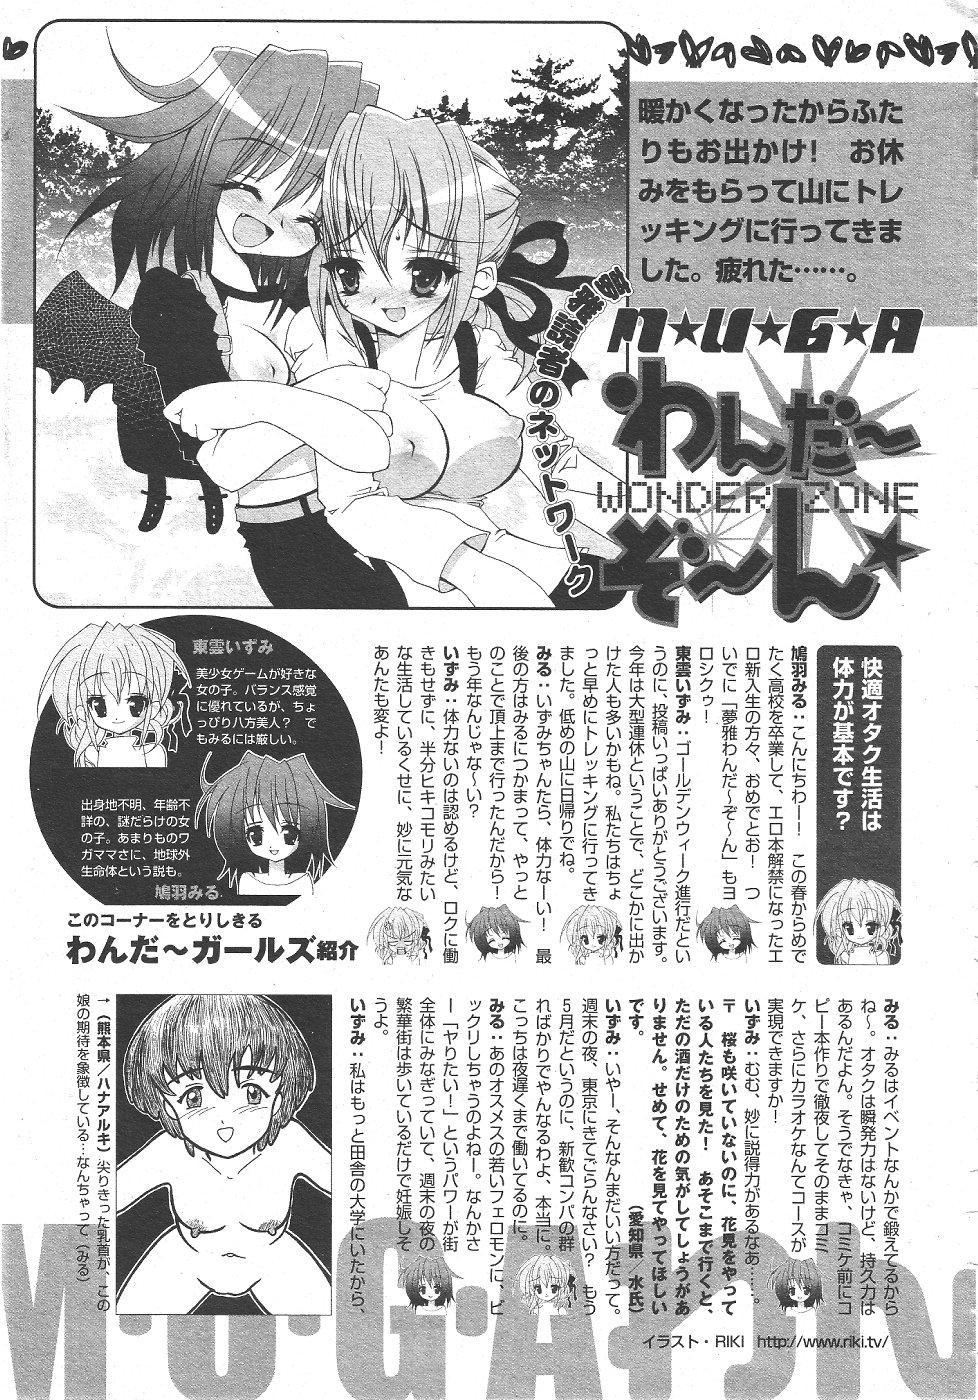 Gekkan Comic Muga 2004-06 Vol.10 412